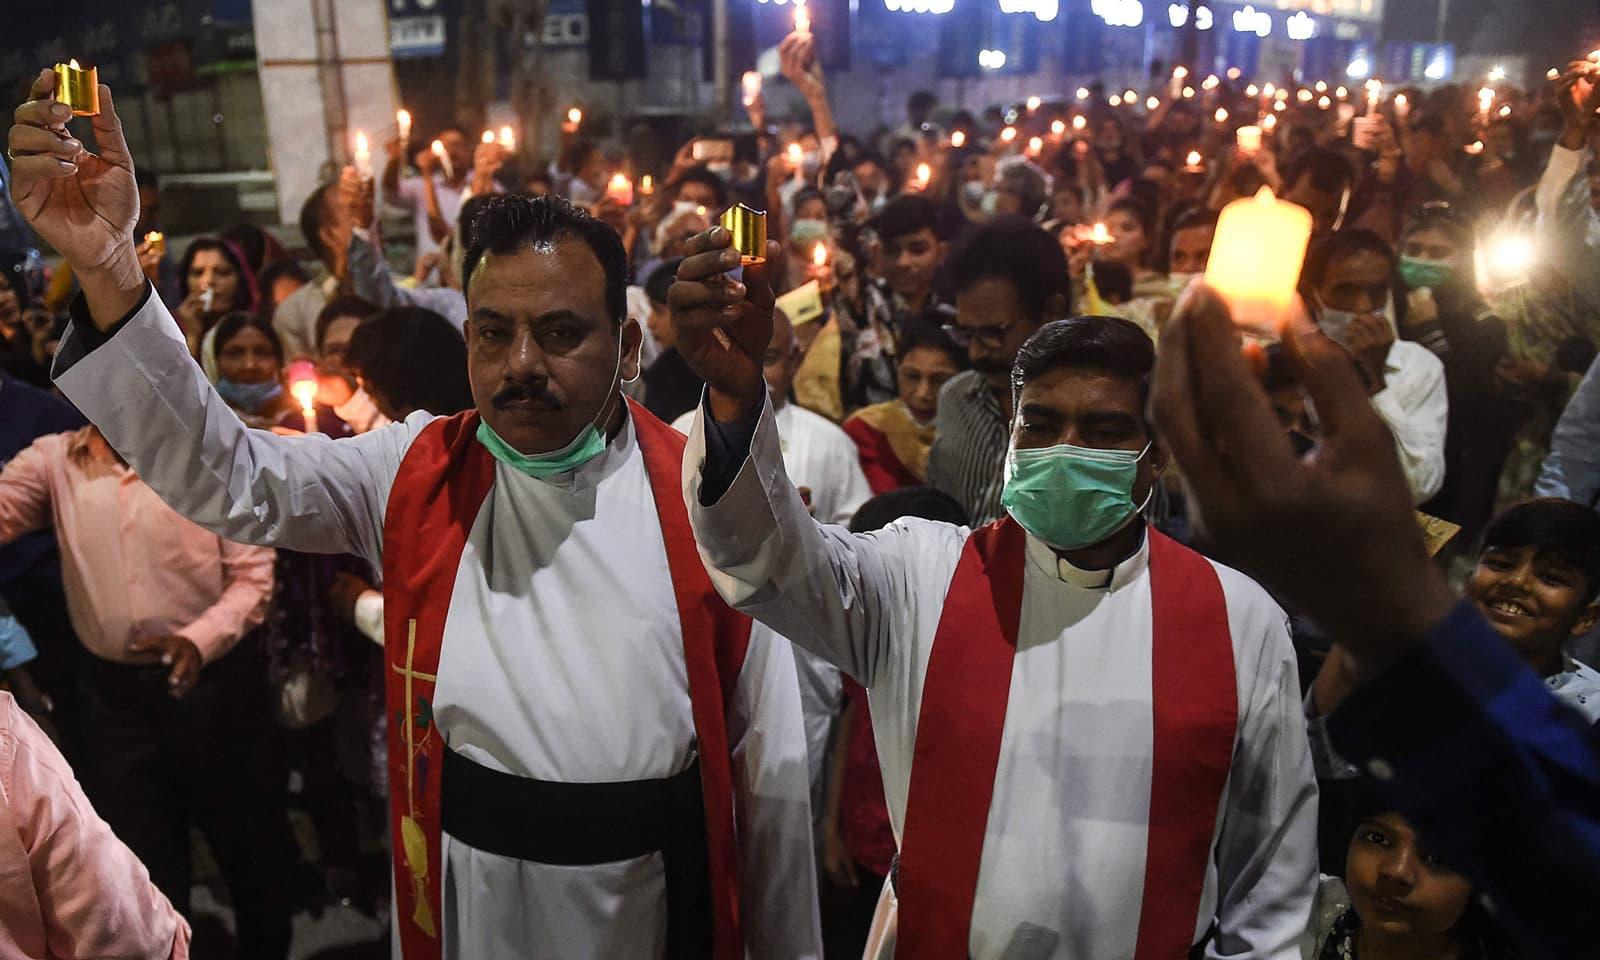 کراچی میں بھی مسیحی برادری نے بھرپور جوش و خروش کے ساتھ ایسٹر کی خوشی منائی —فوٹو:اے ایف پی